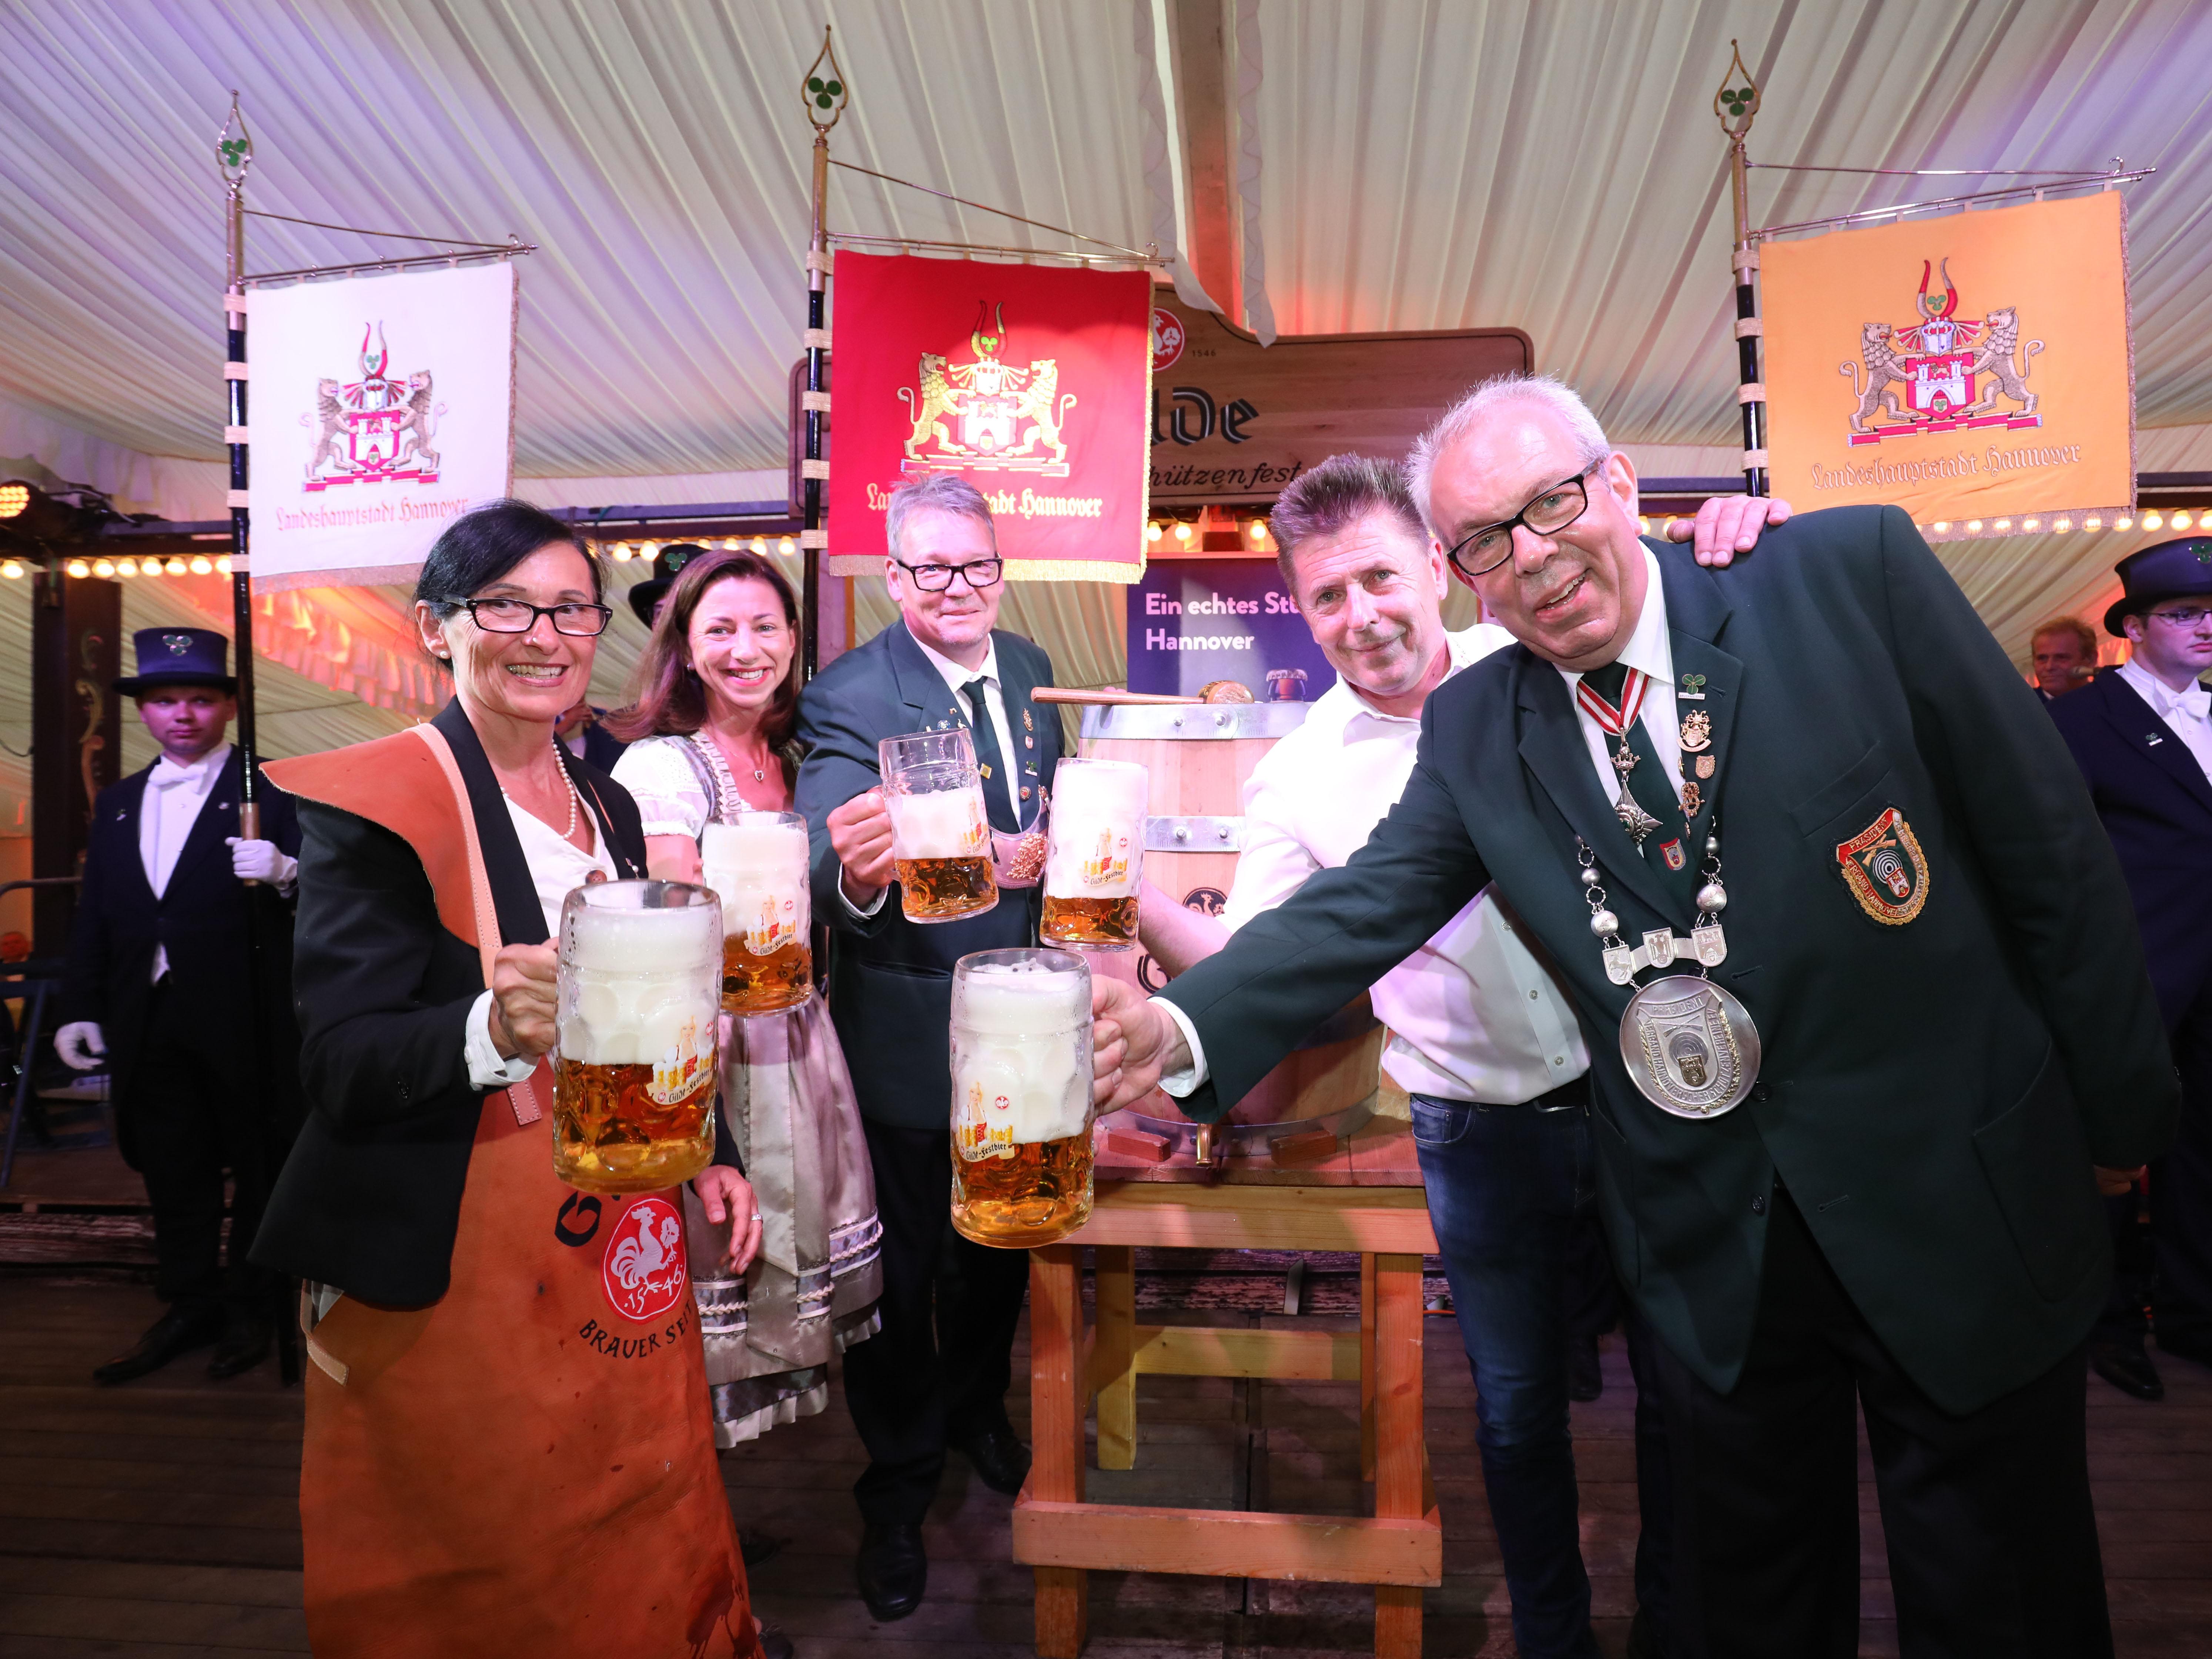 Zwei Frauen und drei Männer um ein Bierfass.